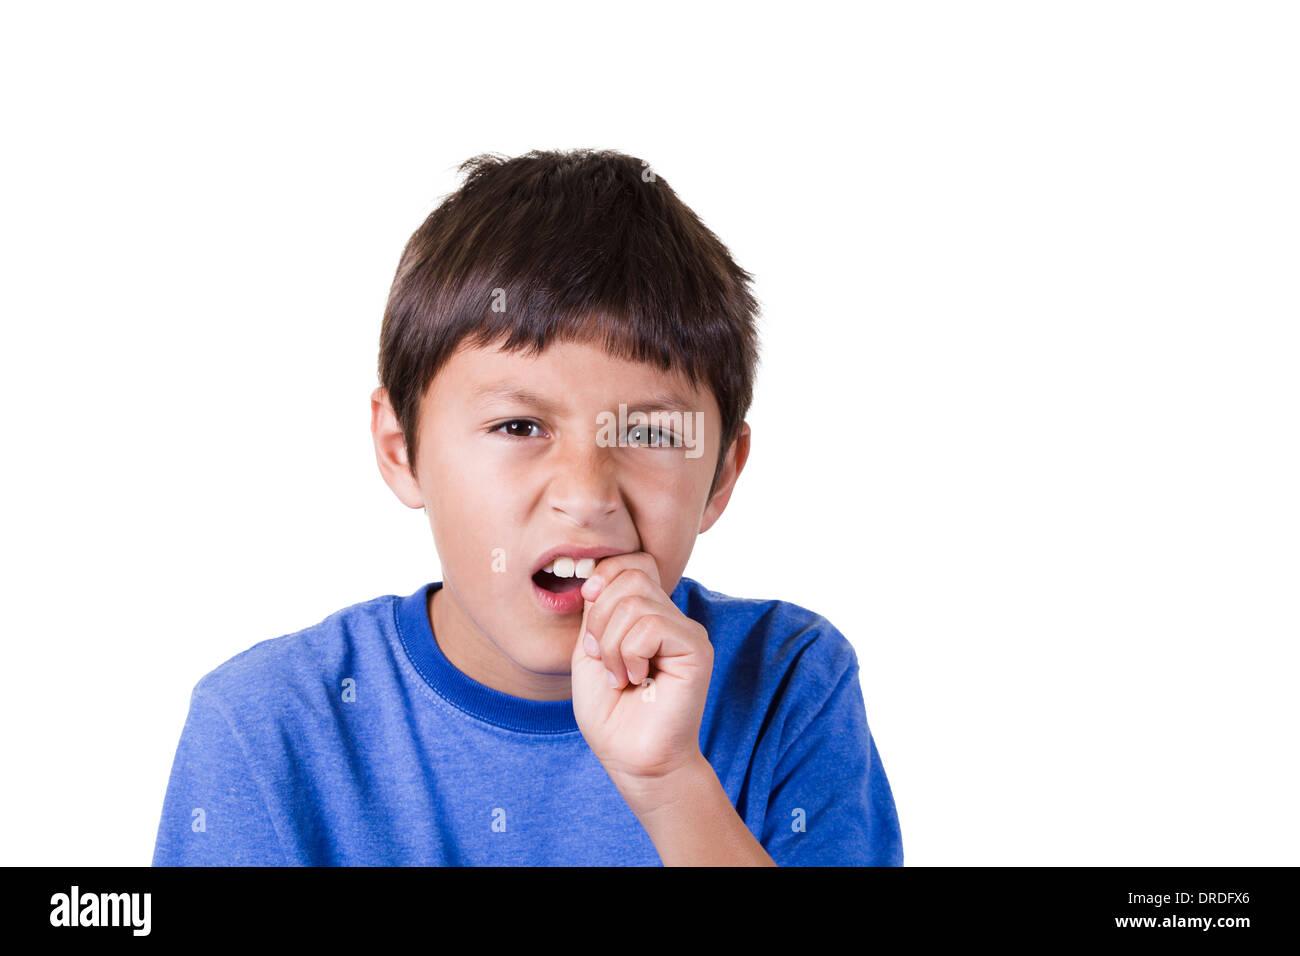 Junge mit Zahnschmerzen oder losen Zahn Stockbild